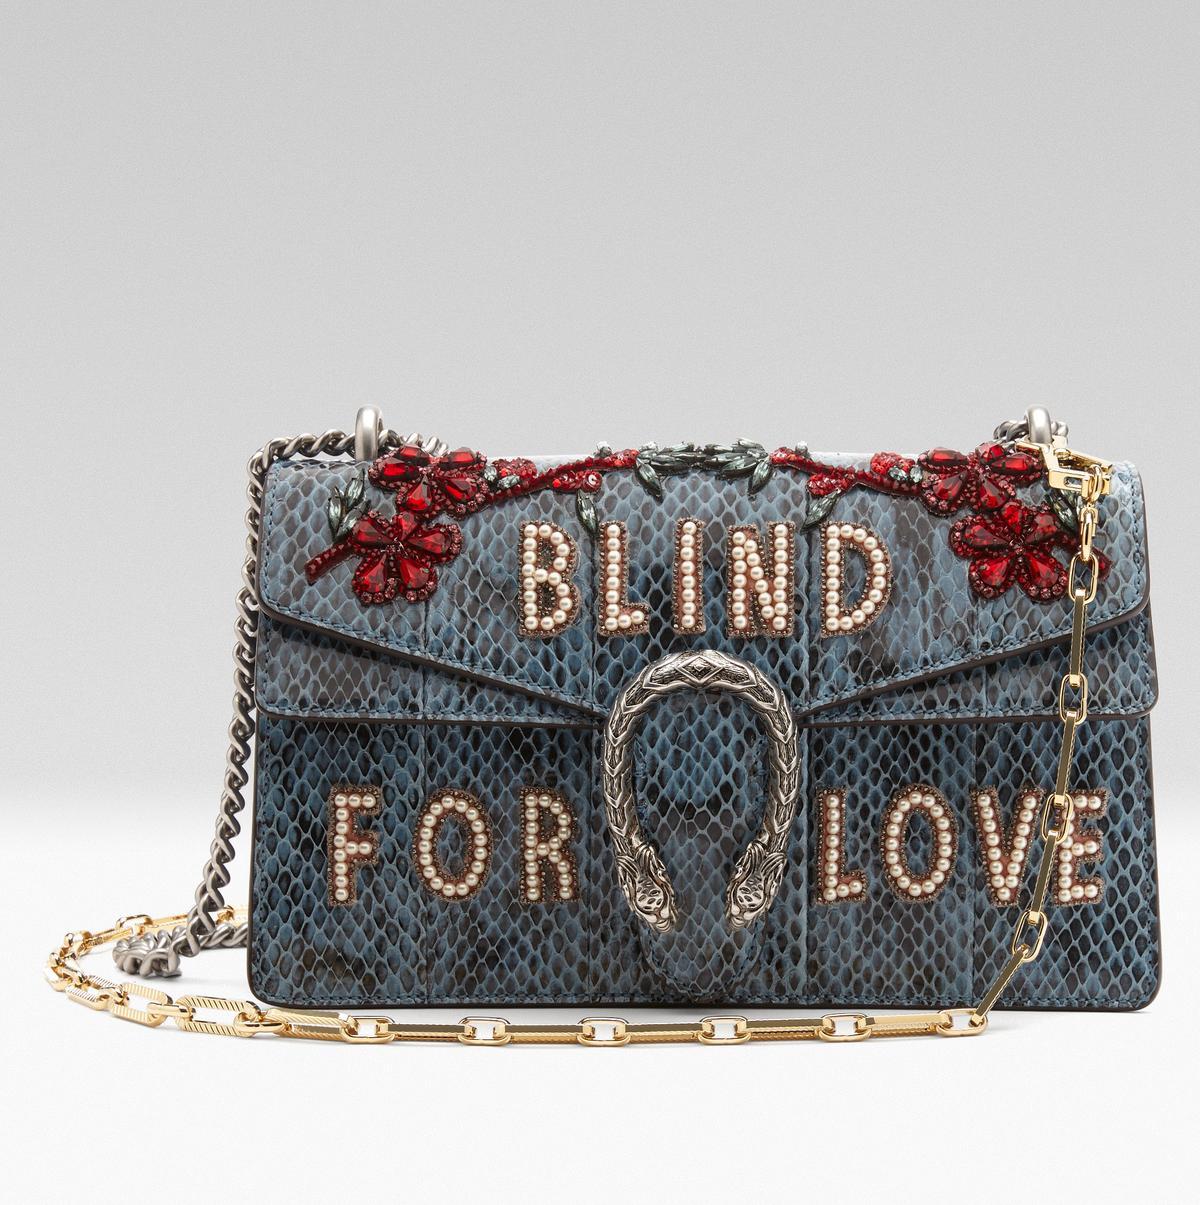 珍珠與花卉刺繡蟒蛇皮酒神包是開幕獨家商品之一。NT$234,800